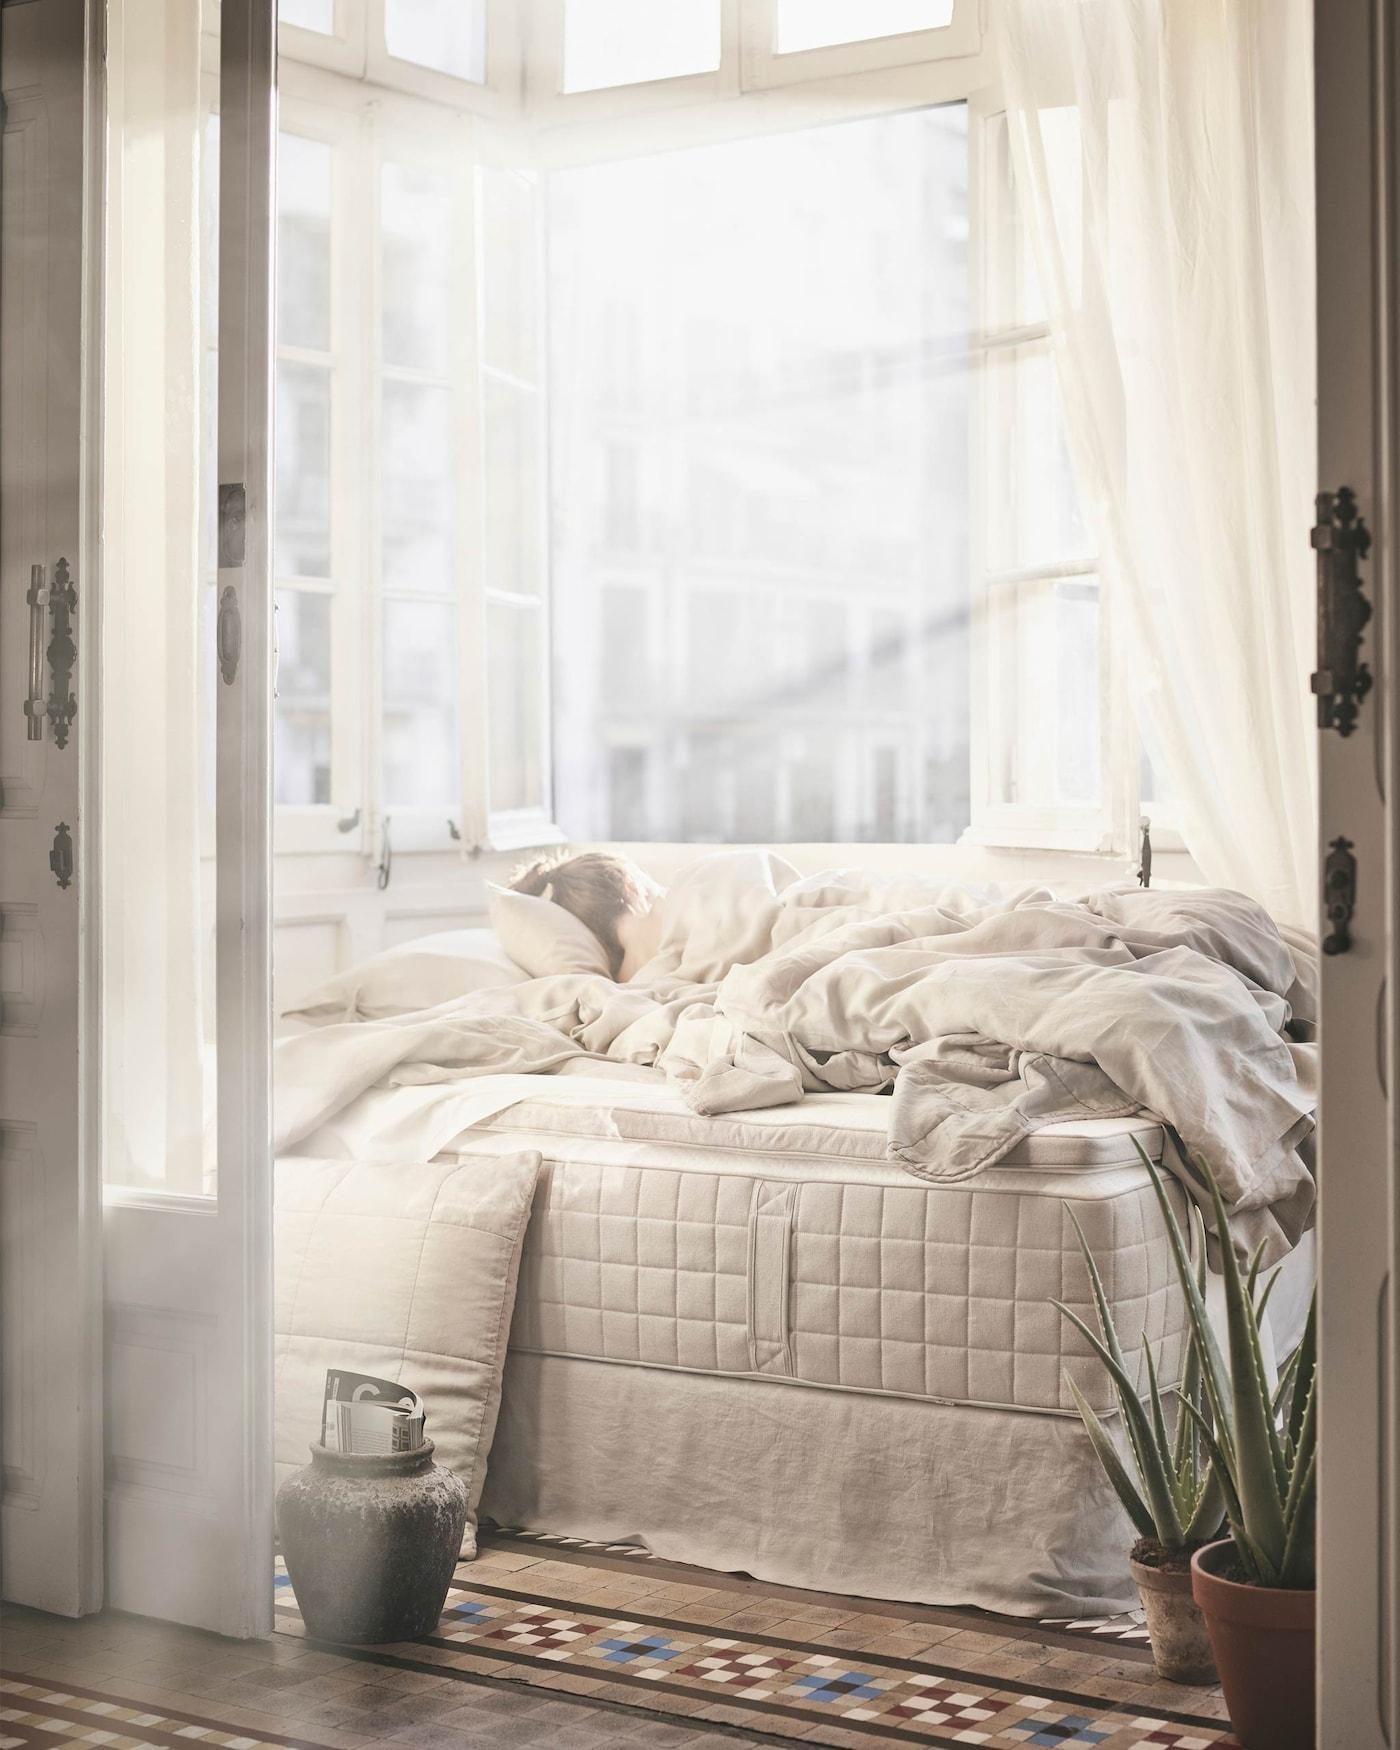 Concediti un materasso fatto di materiali naturali. Il materasso a molle insacchettate HIDRASUND crea un ambiente fresco in cui dormire mantenendo una temperatura uniforme durante il sonno.